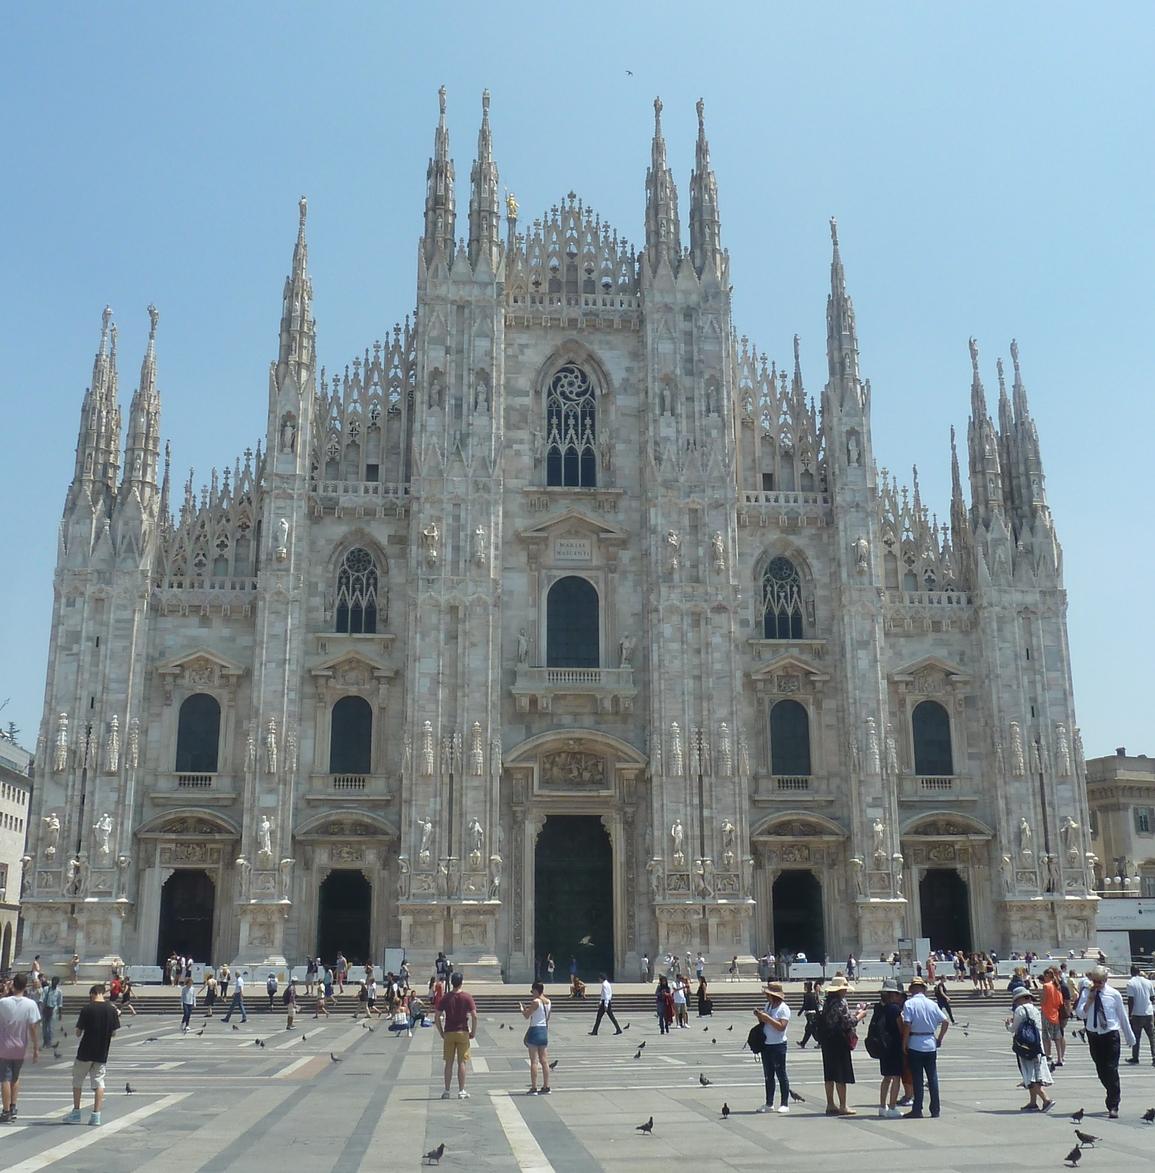 Milánsky dóm -druhá najväčšia gotická katedrála na svete (foto imriš, 2019)